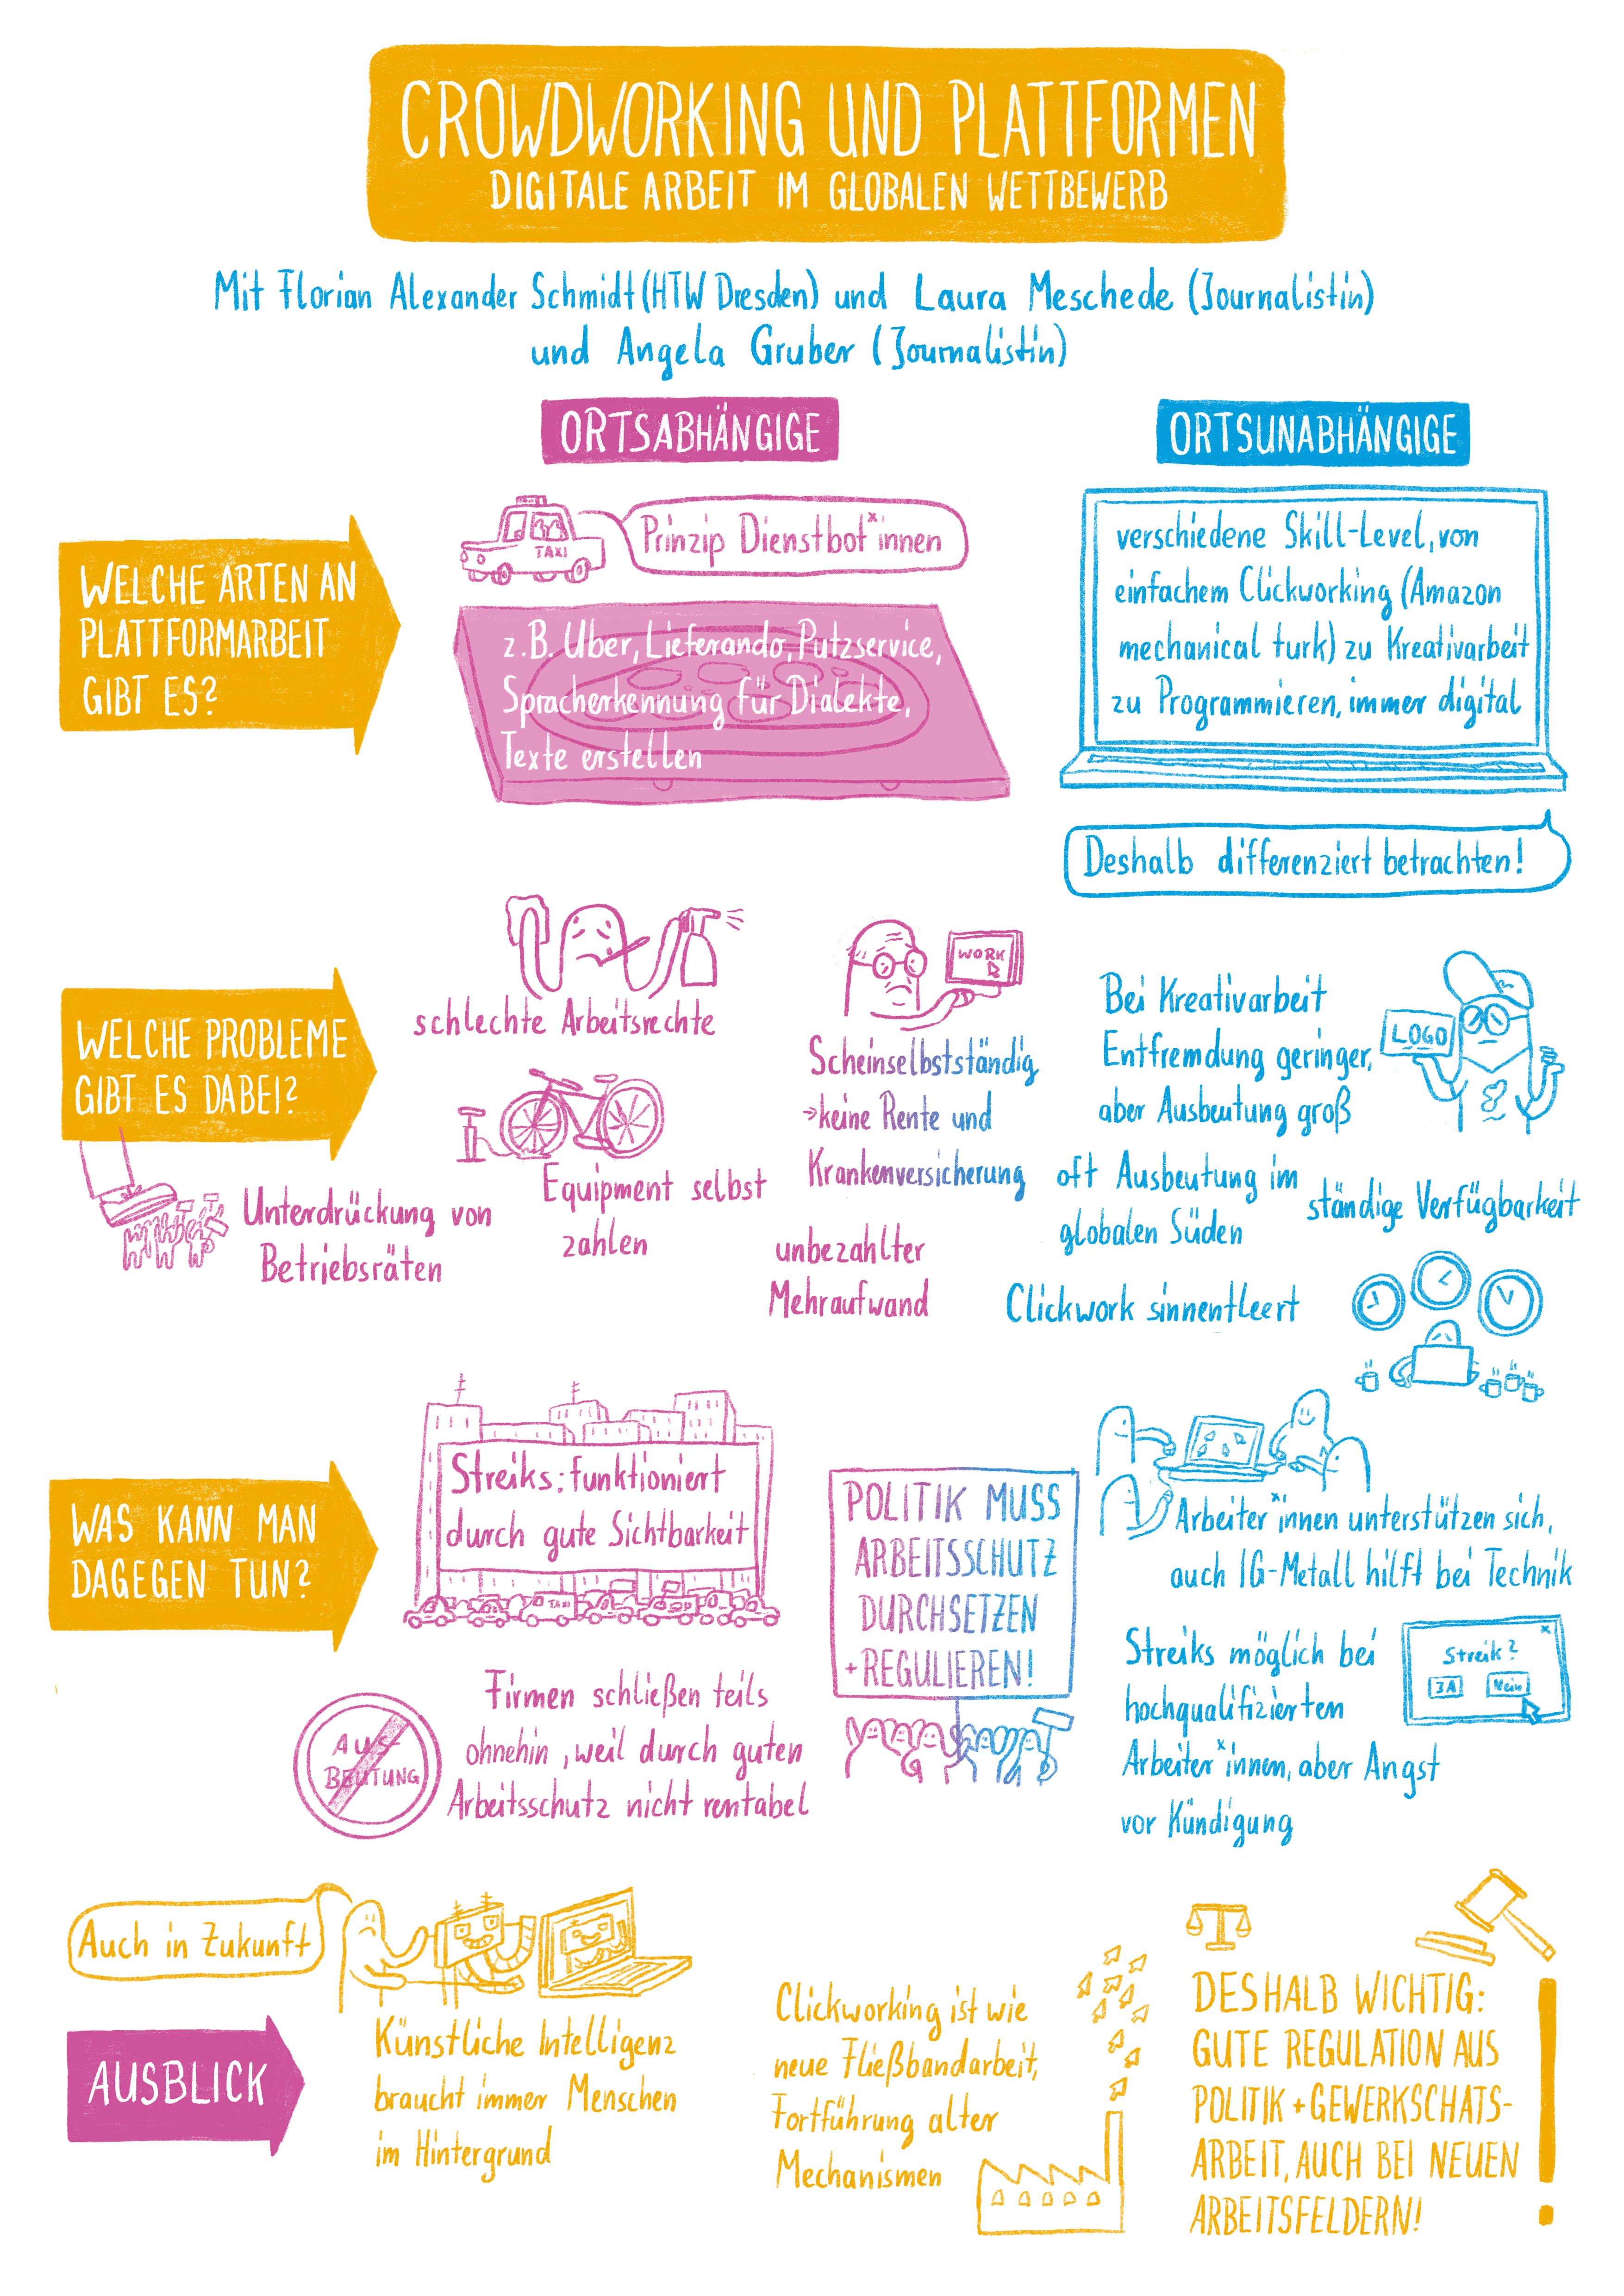 Graphic Recording von Eva Platen zu Crowdworking und Plattformen – Digitale Arbeit im globalen Wettbewerb